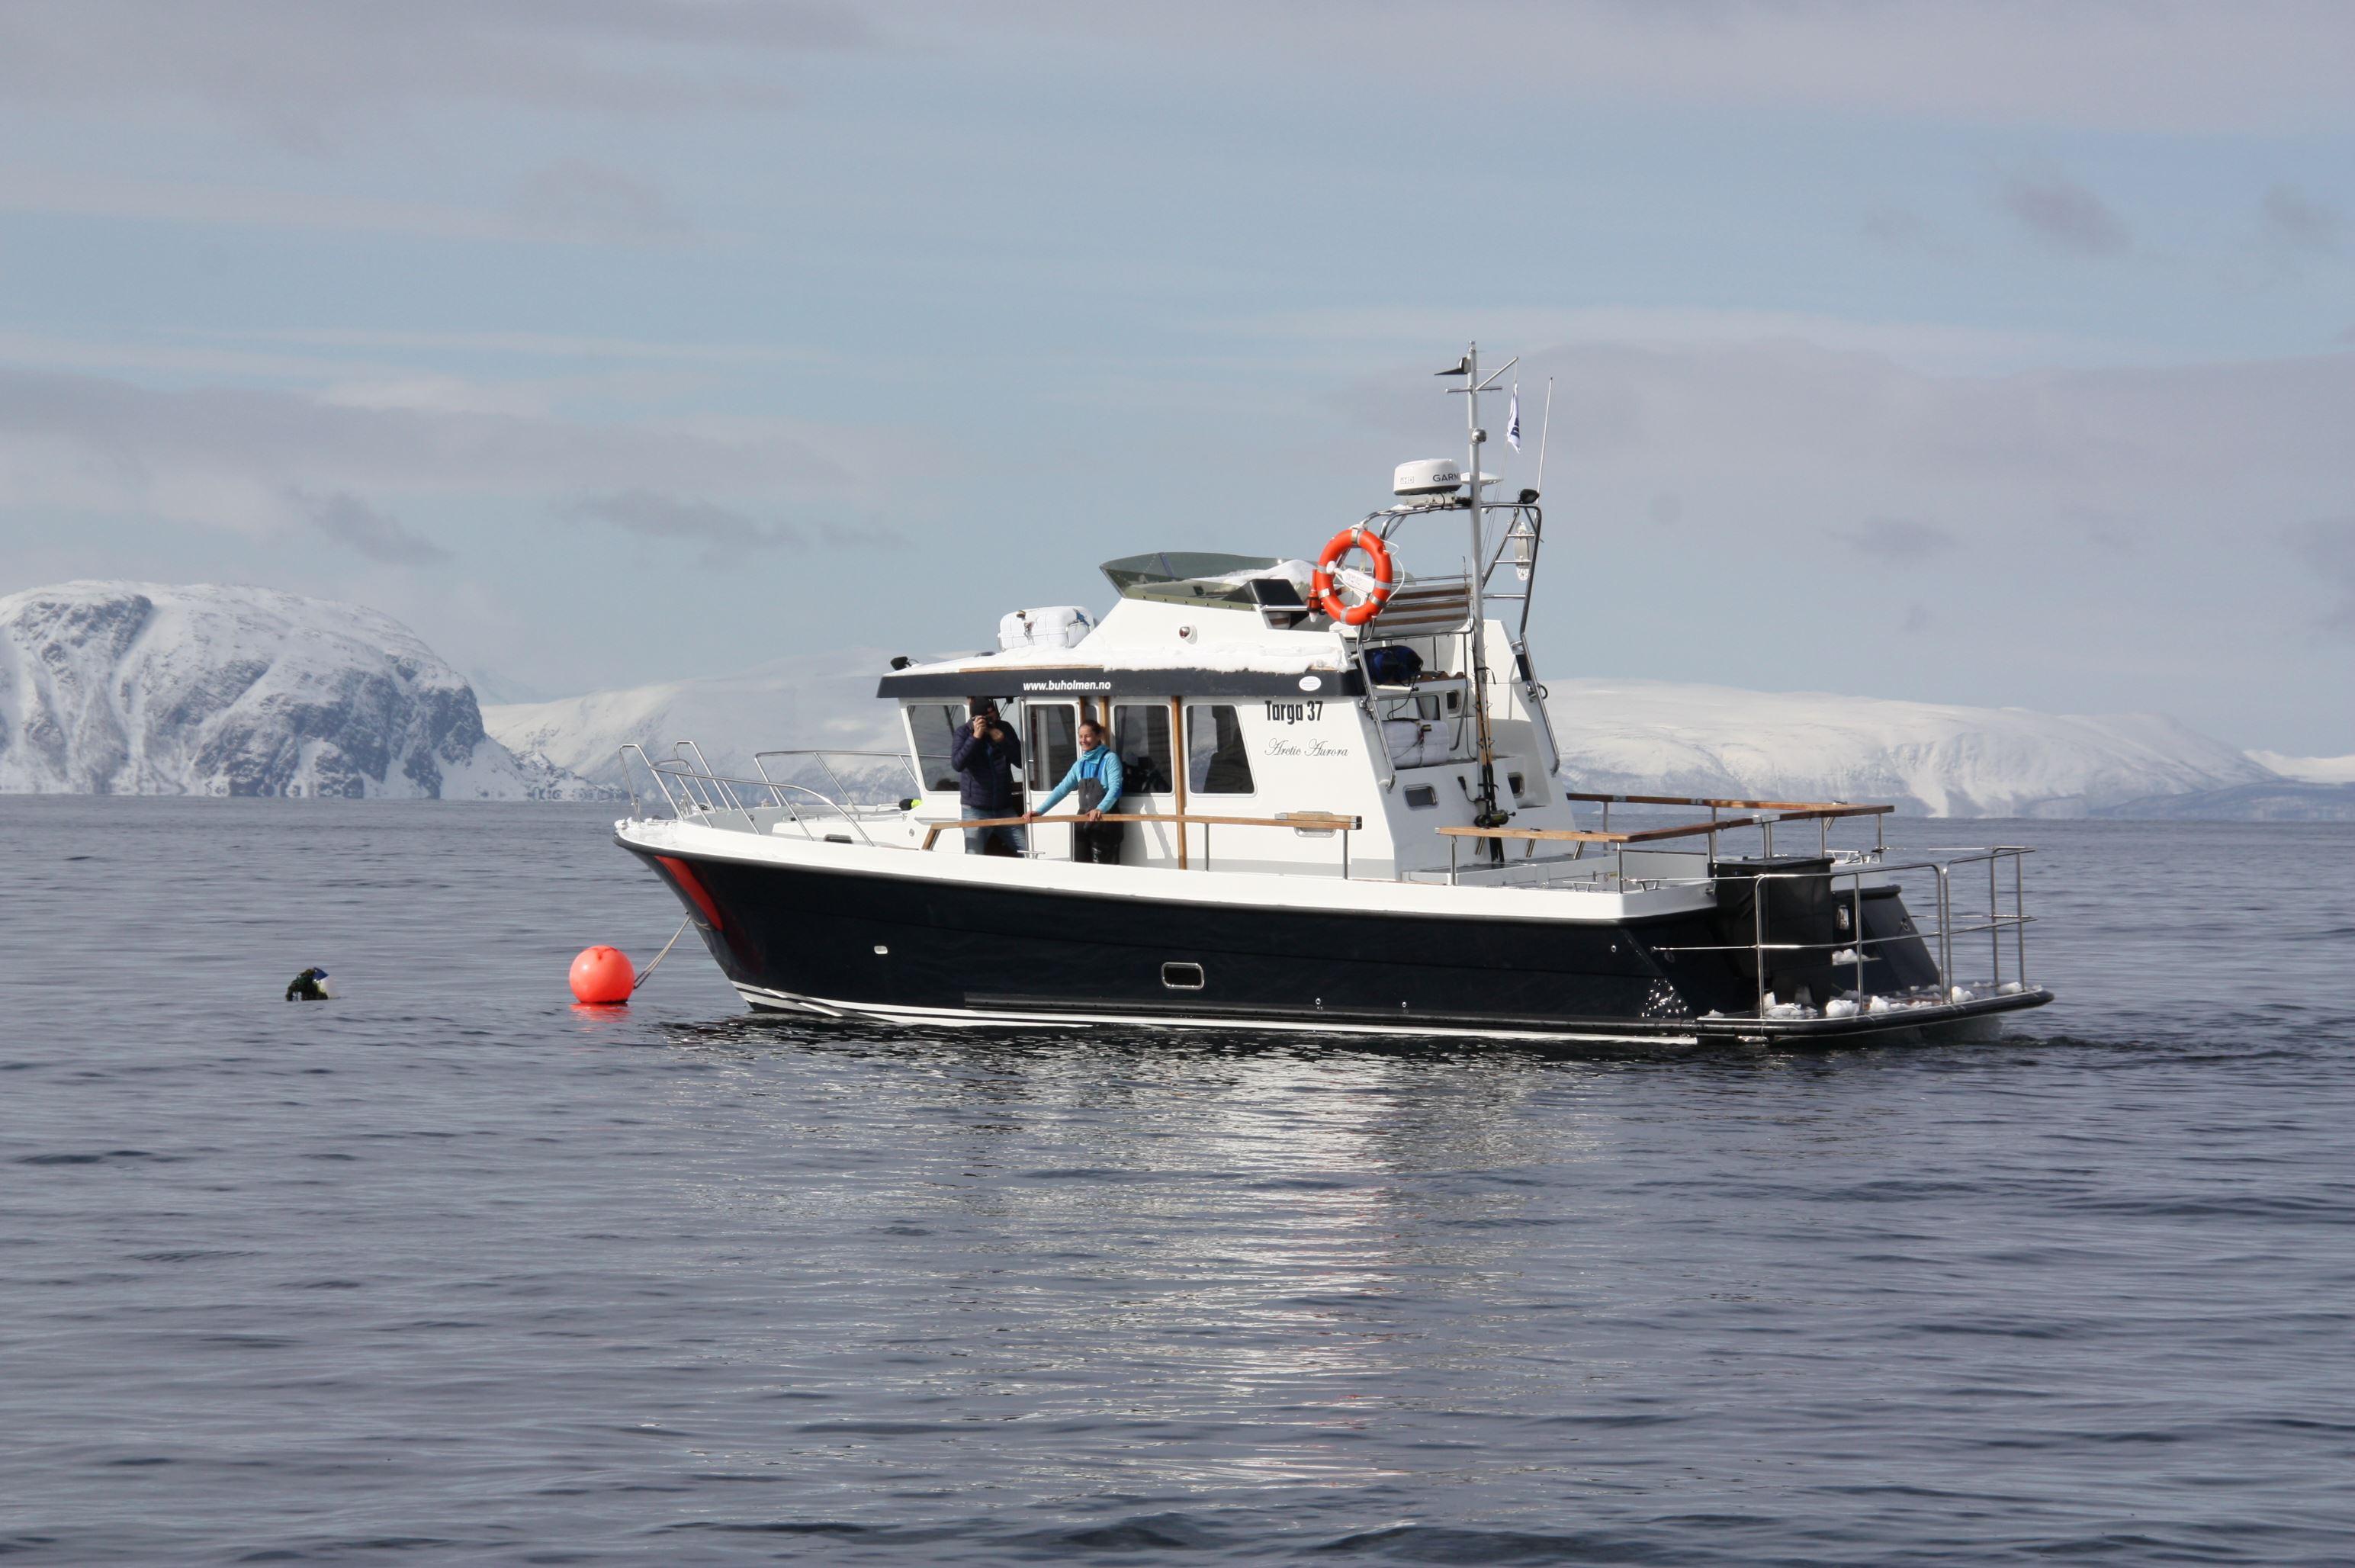 Boat transfer Summit to sea - Lyngen Experience